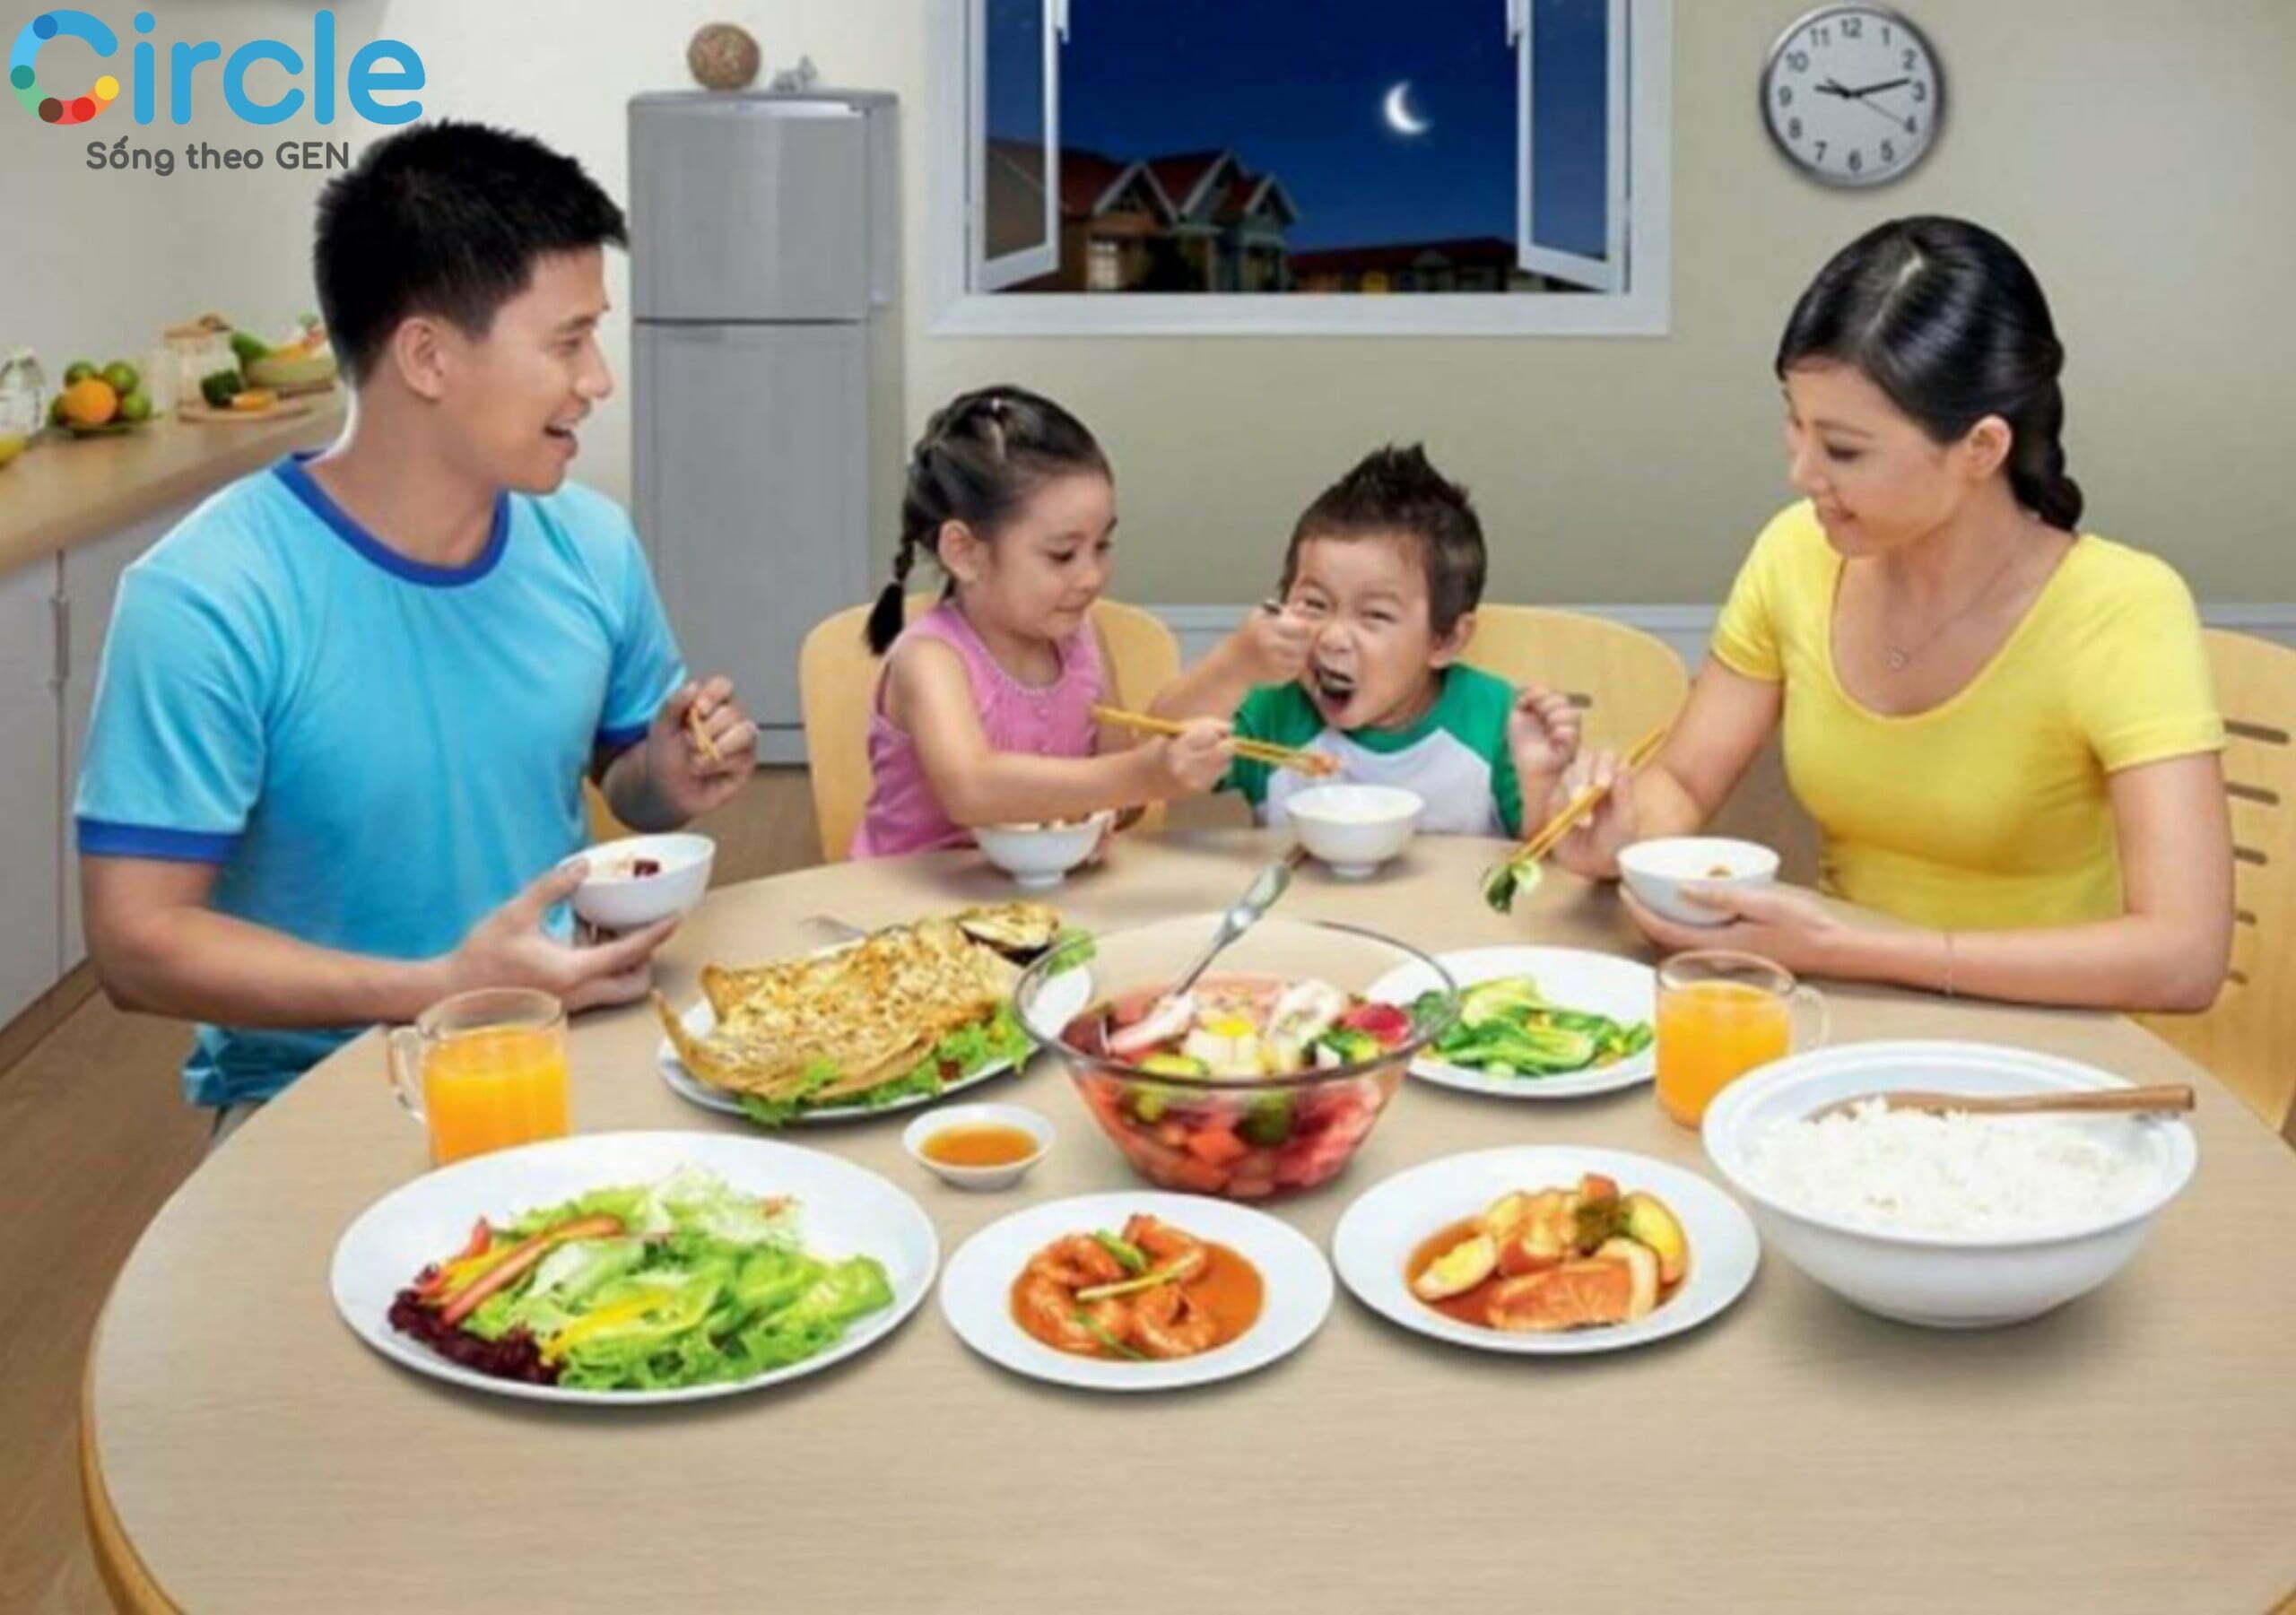 Bữa ăn cùng nhau sẽ giúp gắn kết tình yêu thương của các thành viên trong gia đình.